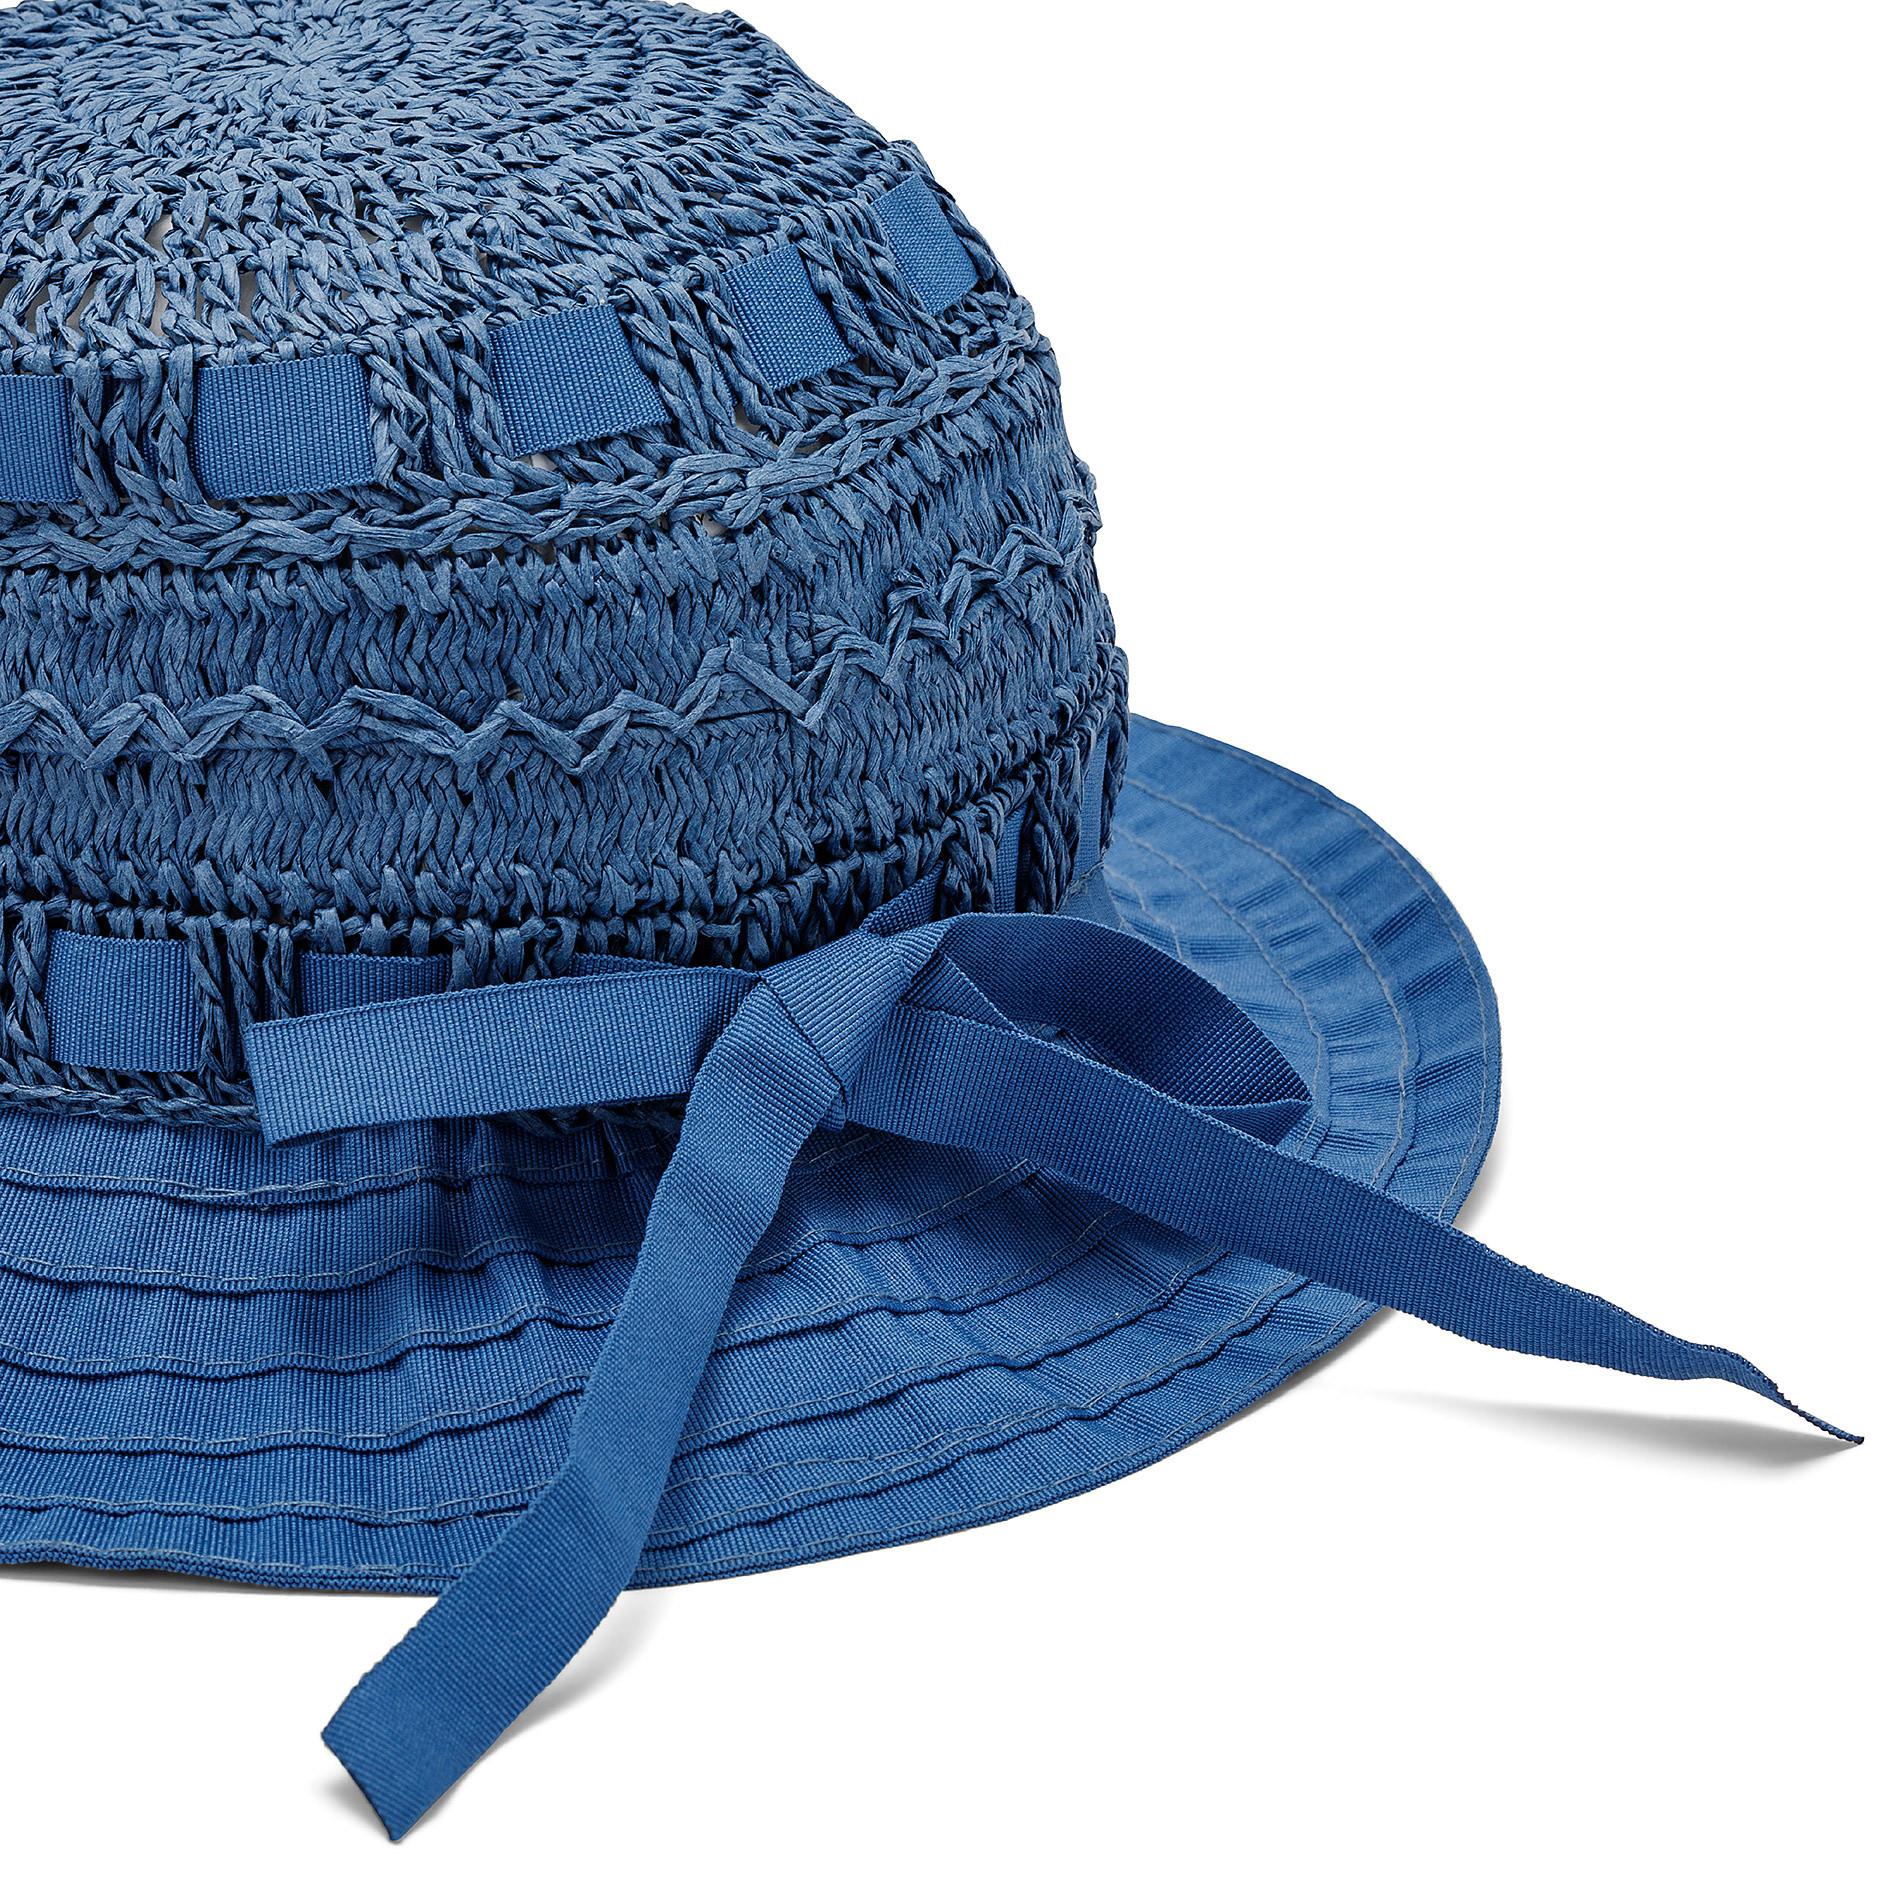 Capello di paglia con merletto Koan, Blu, large image number 1